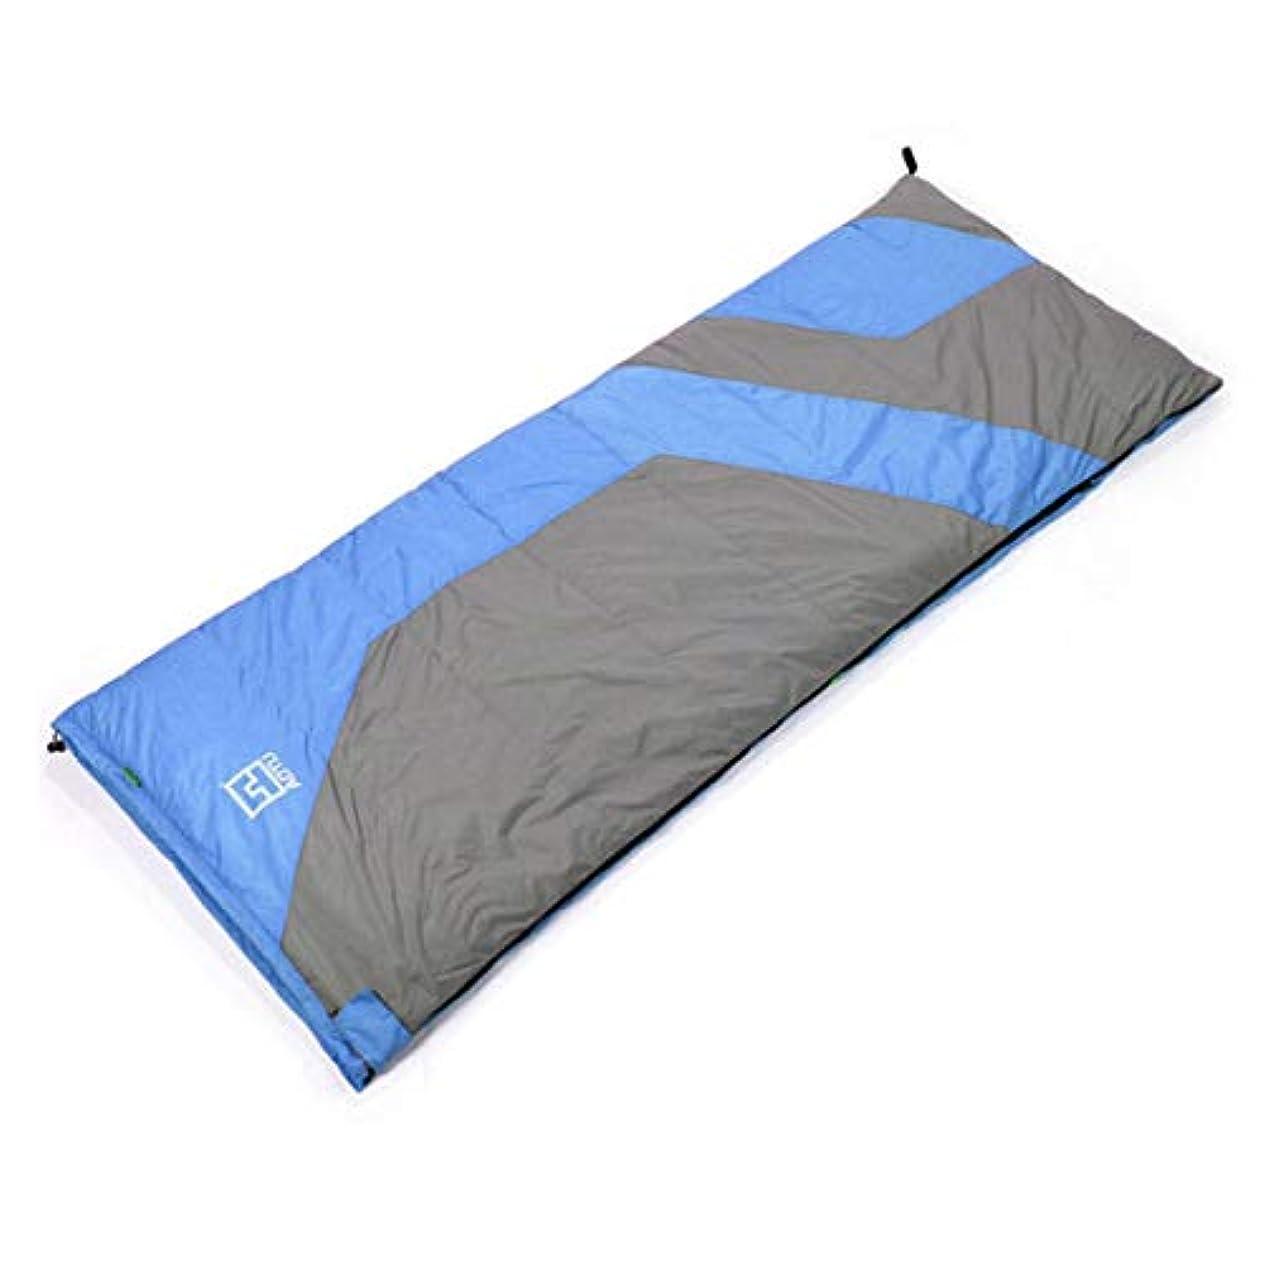 既にアプライアンスキャロラインLilyAngel キャンプの寝袋 - 封筒軽量の防水防水で快適なサック - 4シーズンの旅行に最適ハイキング屋外アクティビティ